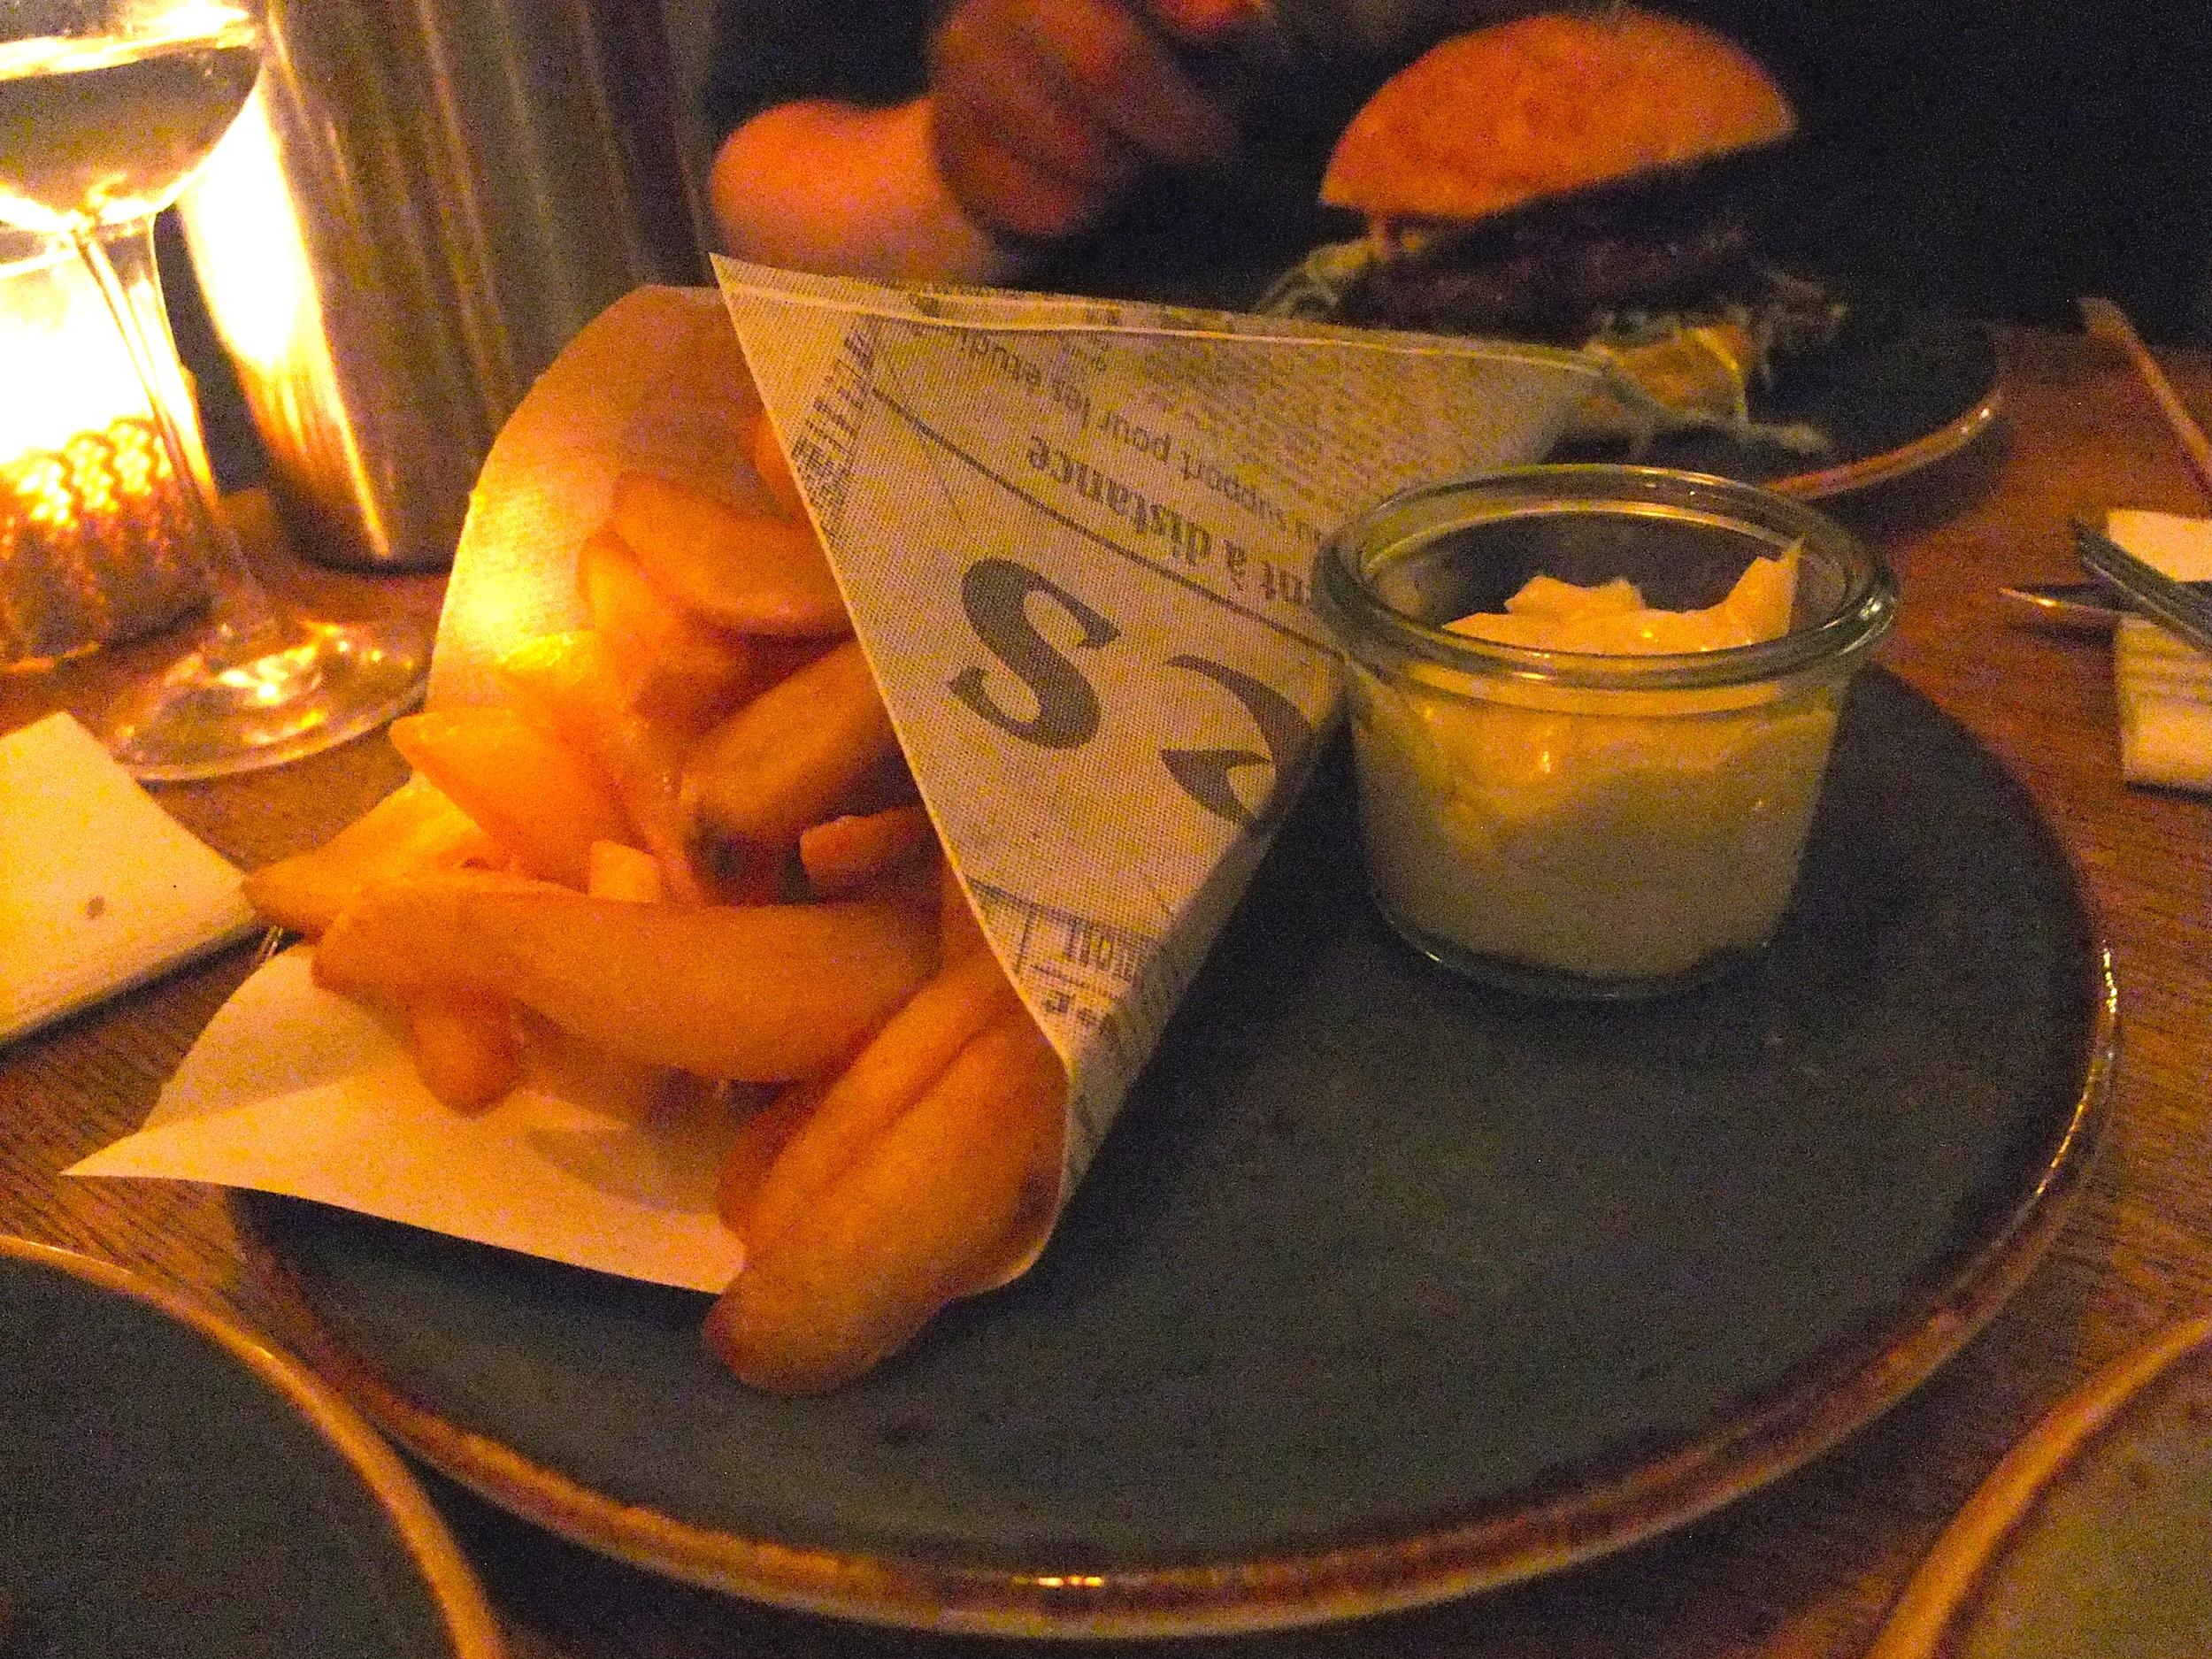 Fries at Iveau